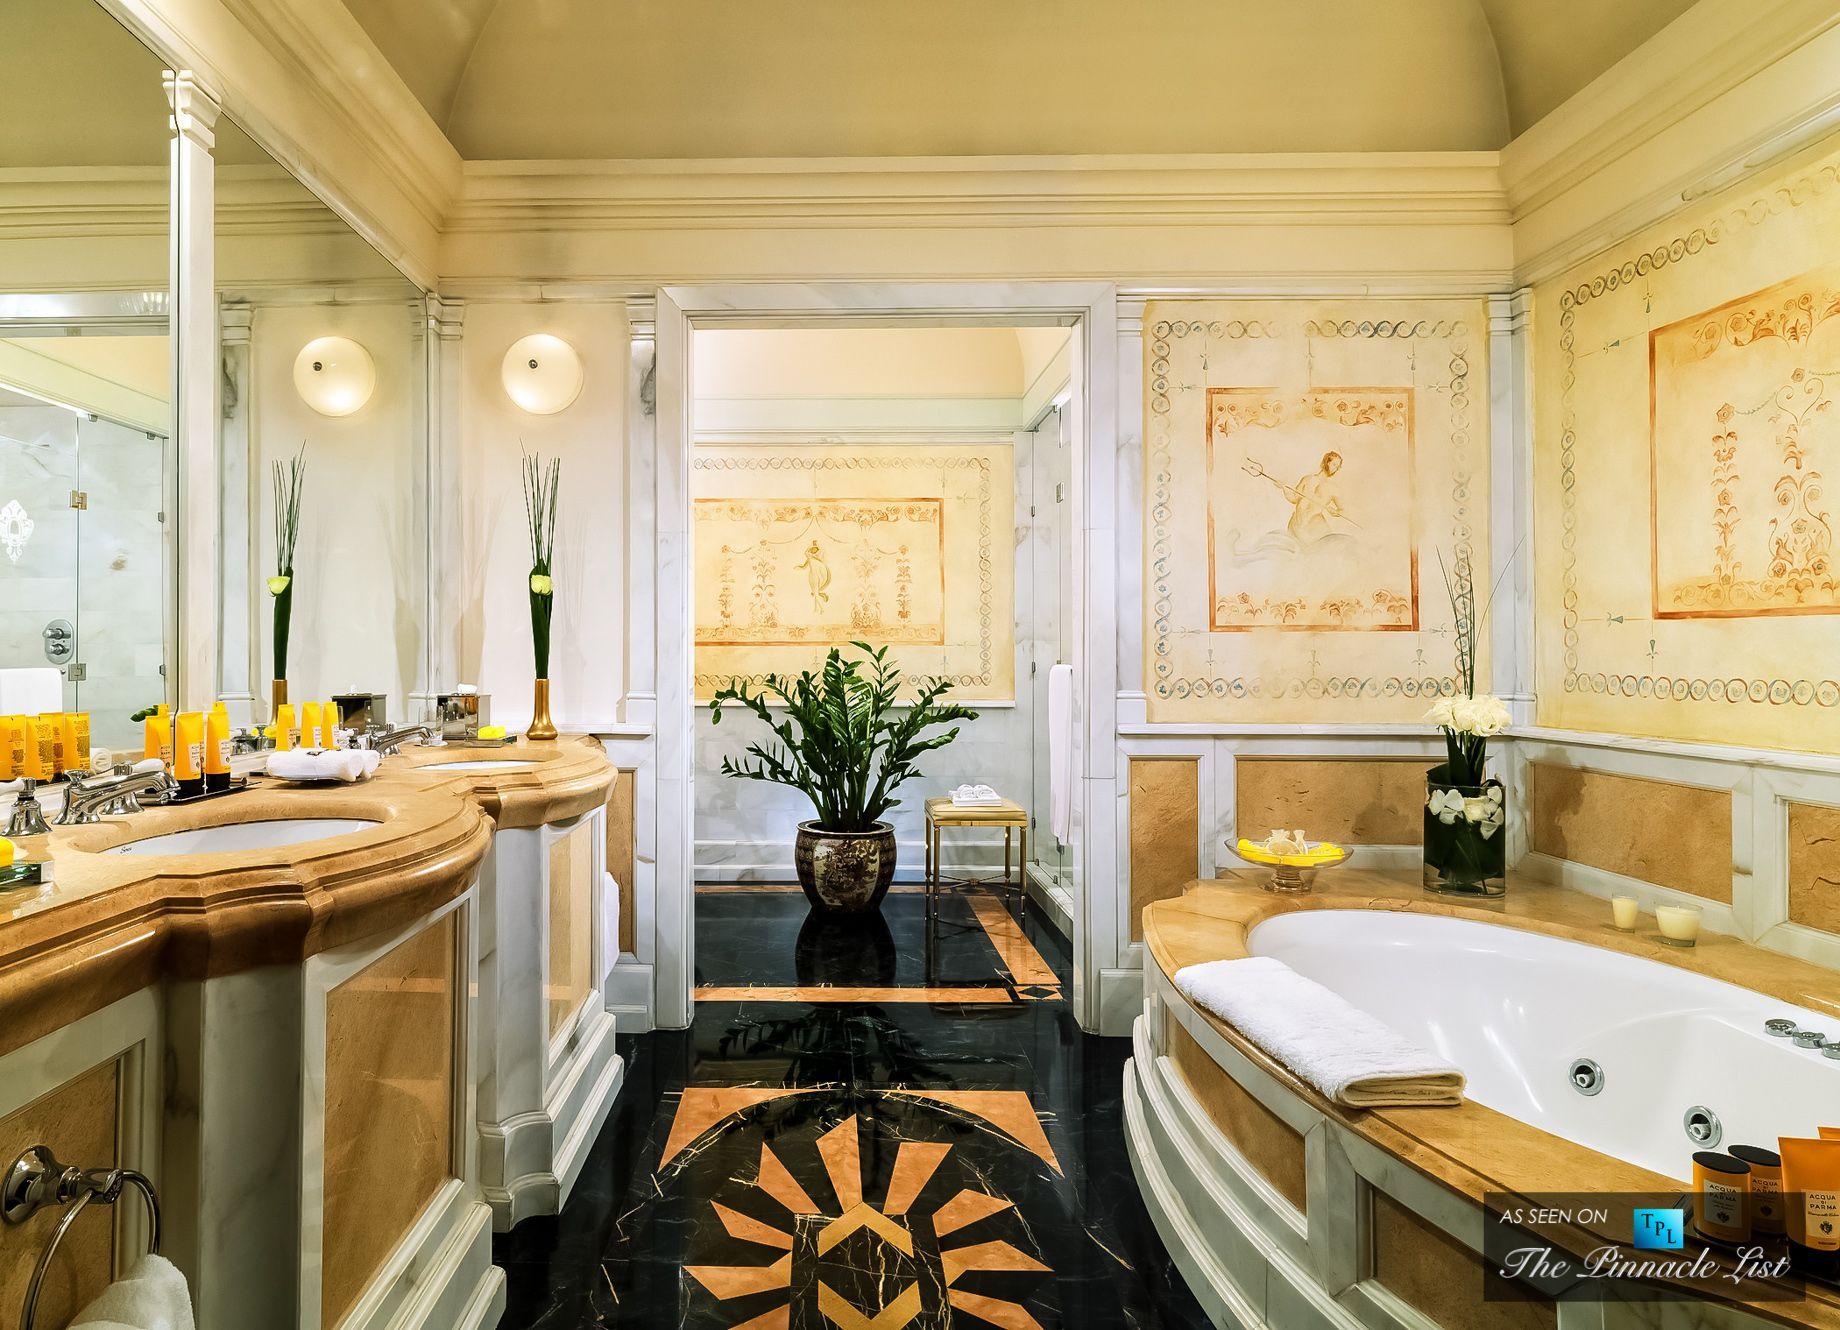 Сентреджис Роскошный Отель Типа E2 80 93 Риме Италия Дизайнерская Magnificent Luxury Hotel Bathroom Decorating Design